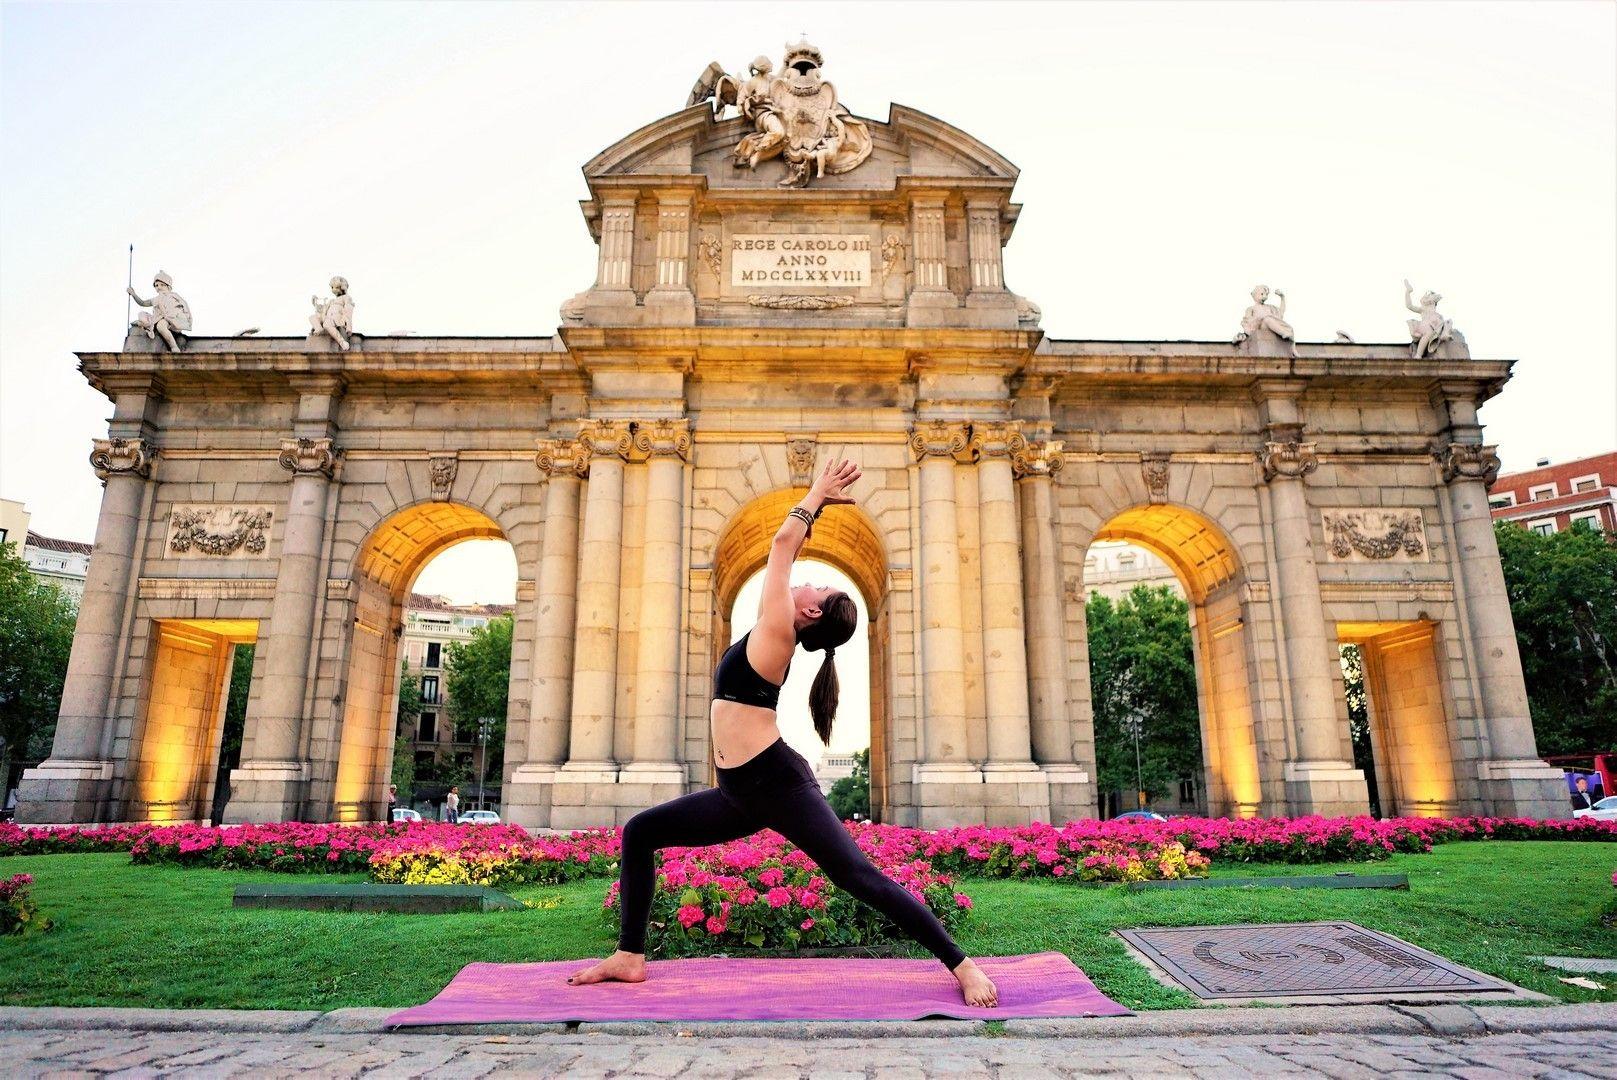 free community yoga class at retiro park 13 de abril